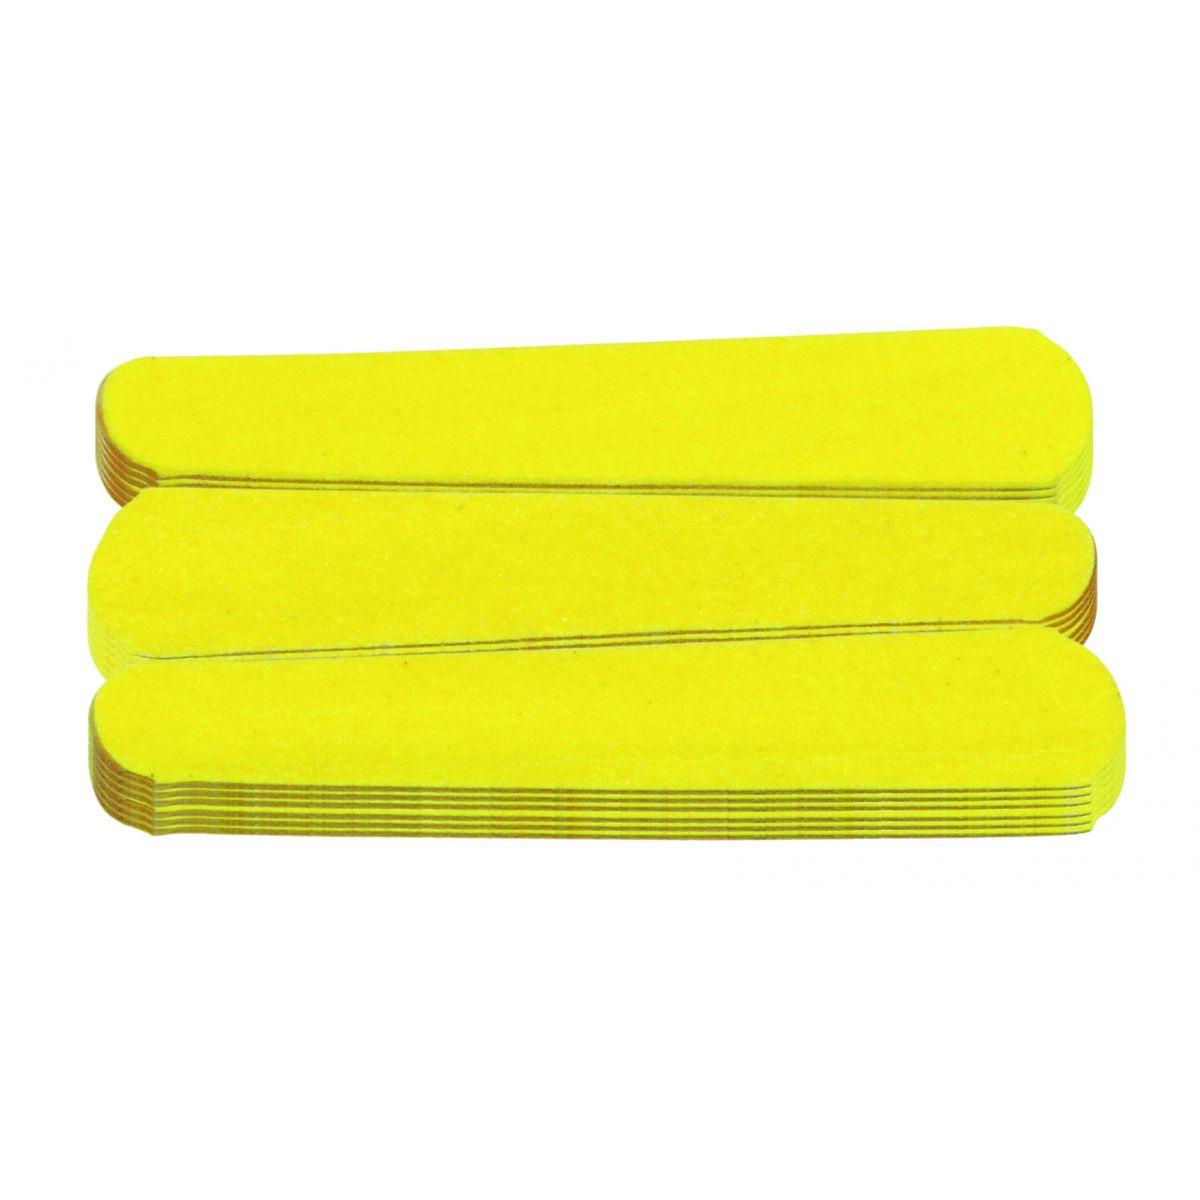 Mini Lixa Amarelo Can�rio Para Unhas 20 Unidades - Santa Clara